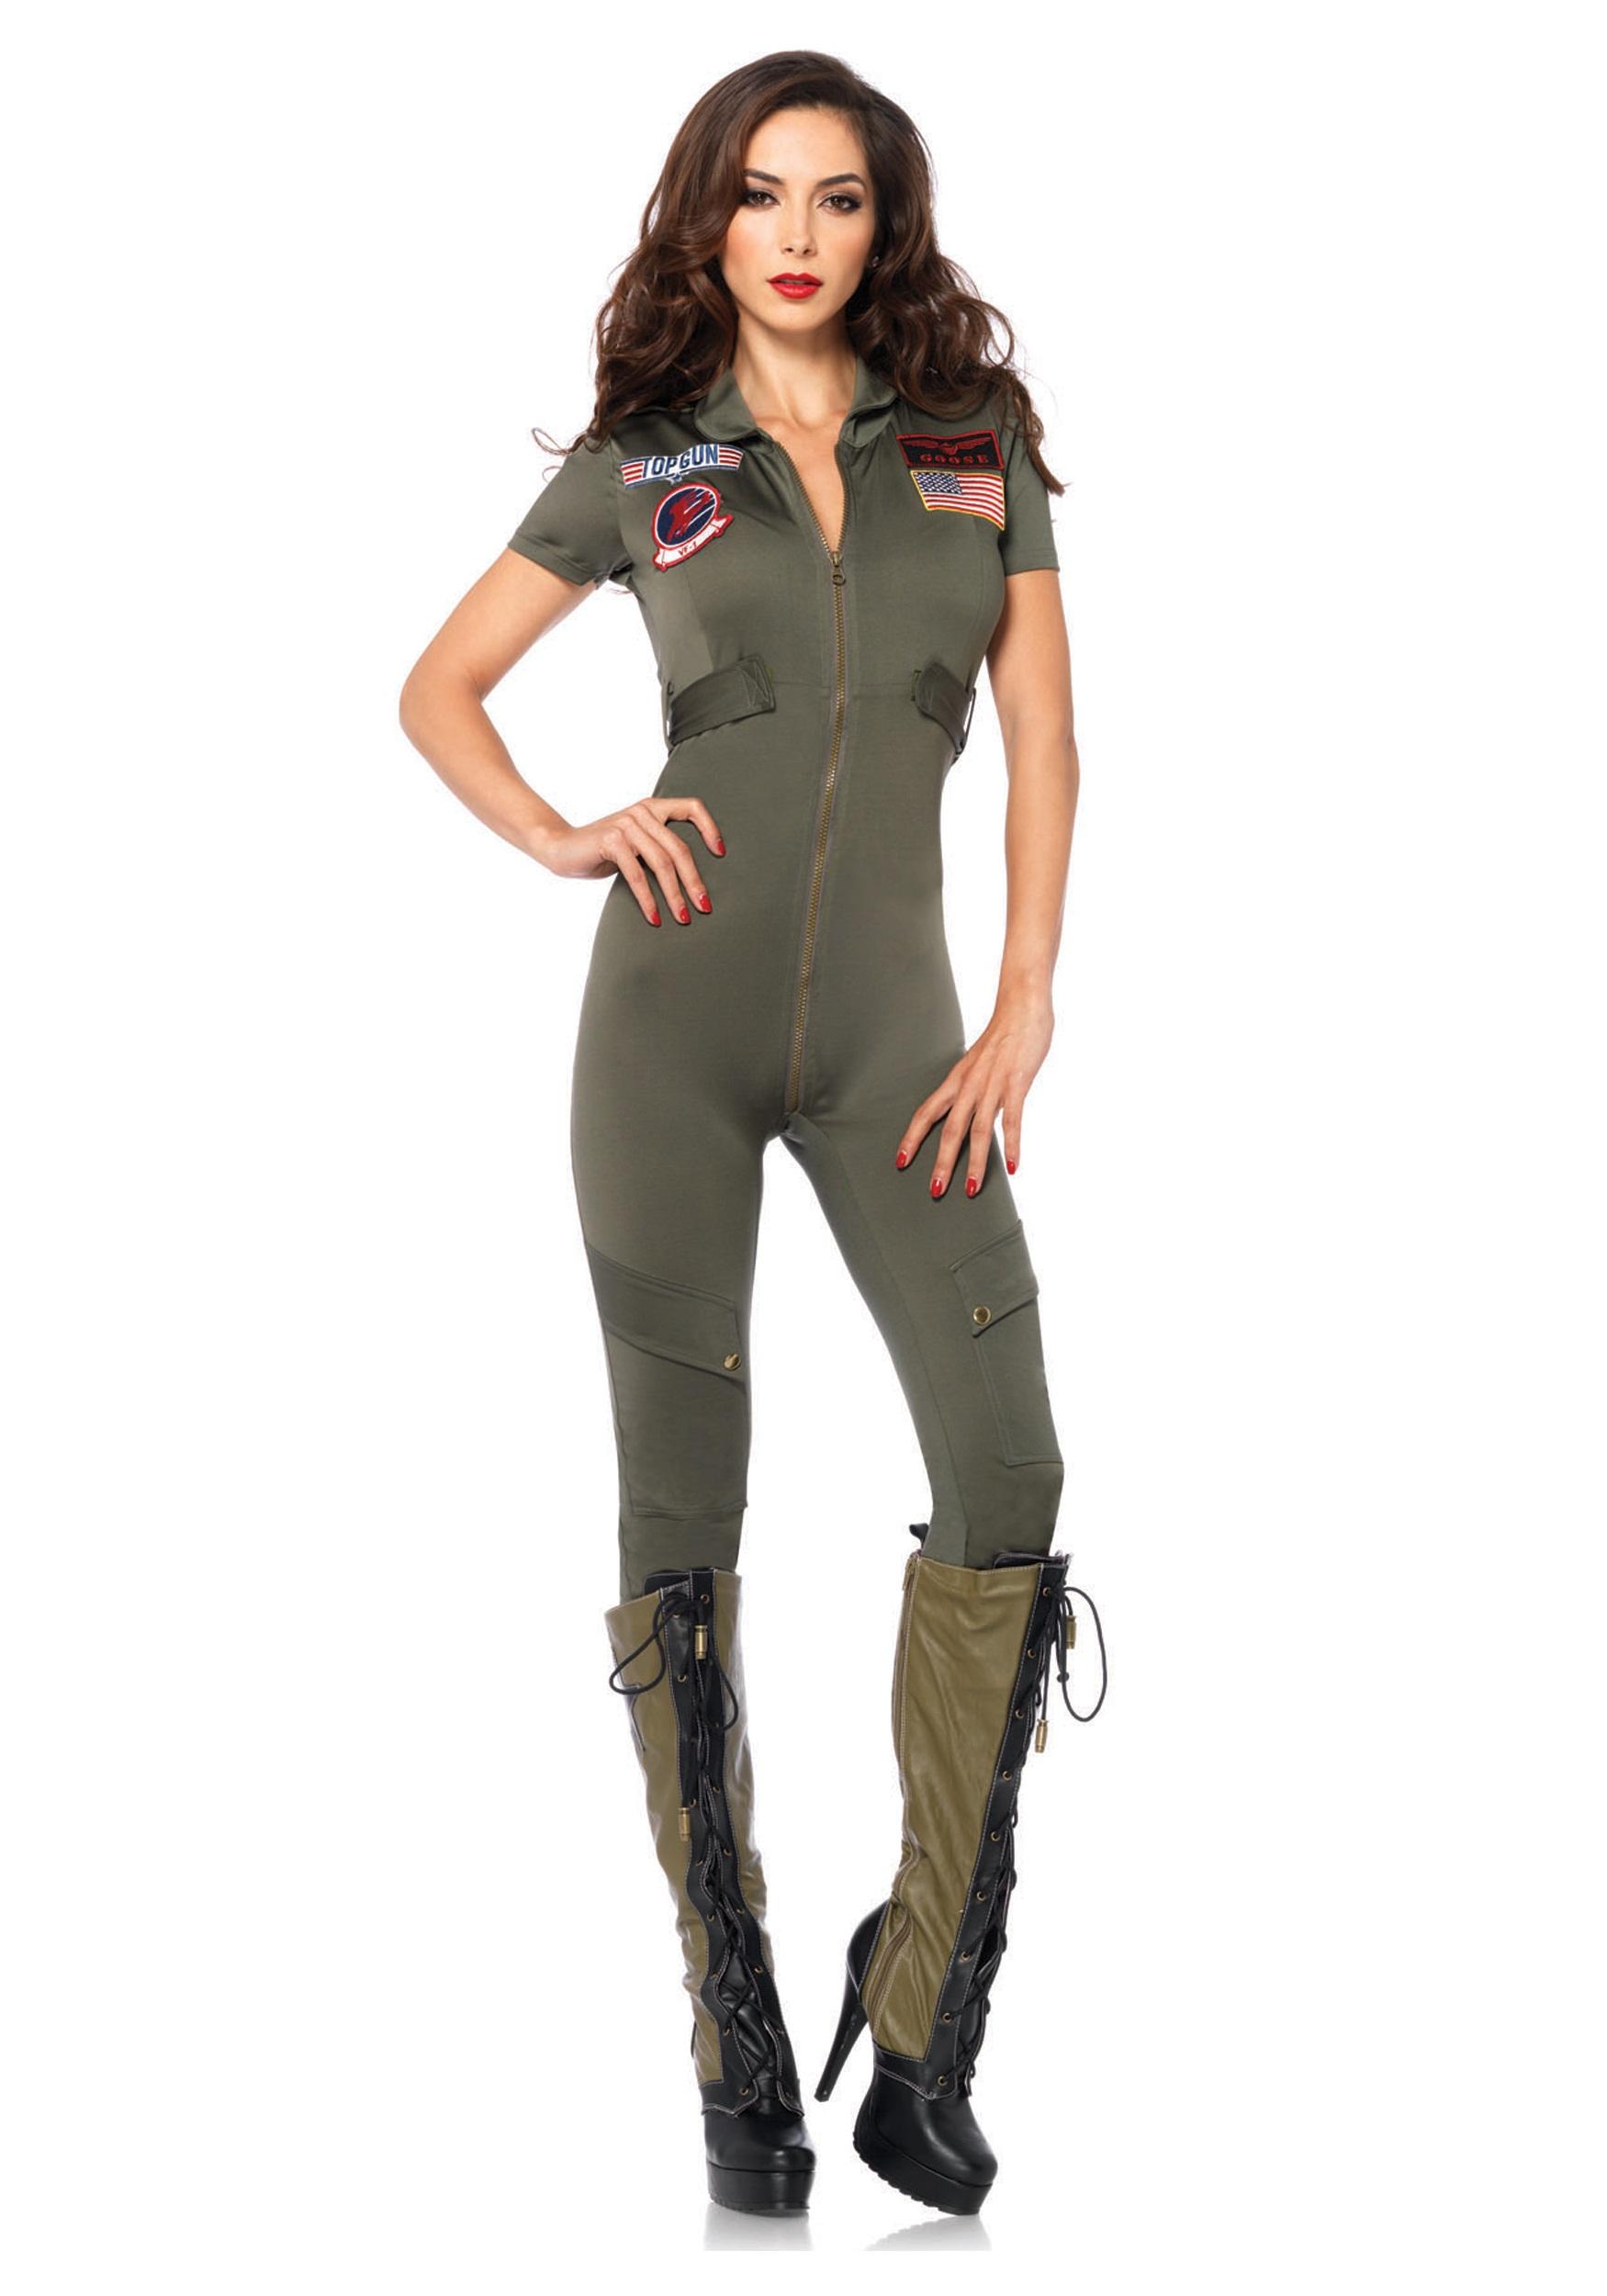 Top Gun Women's Jumpsuit Costume